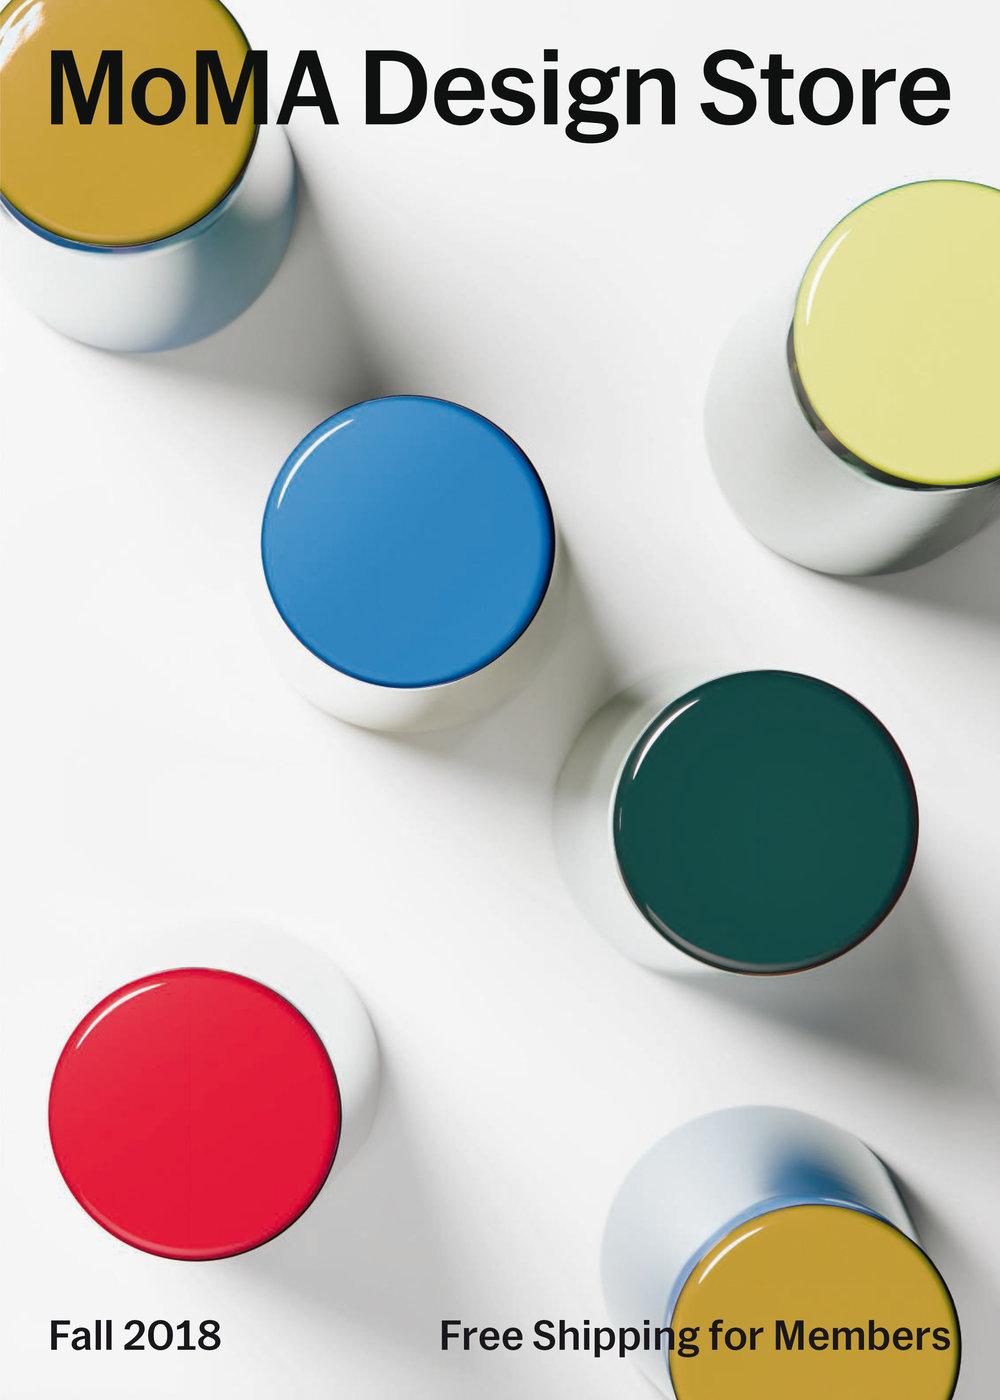 momastore-moma-design-store-online-catalog-3-1.jpg